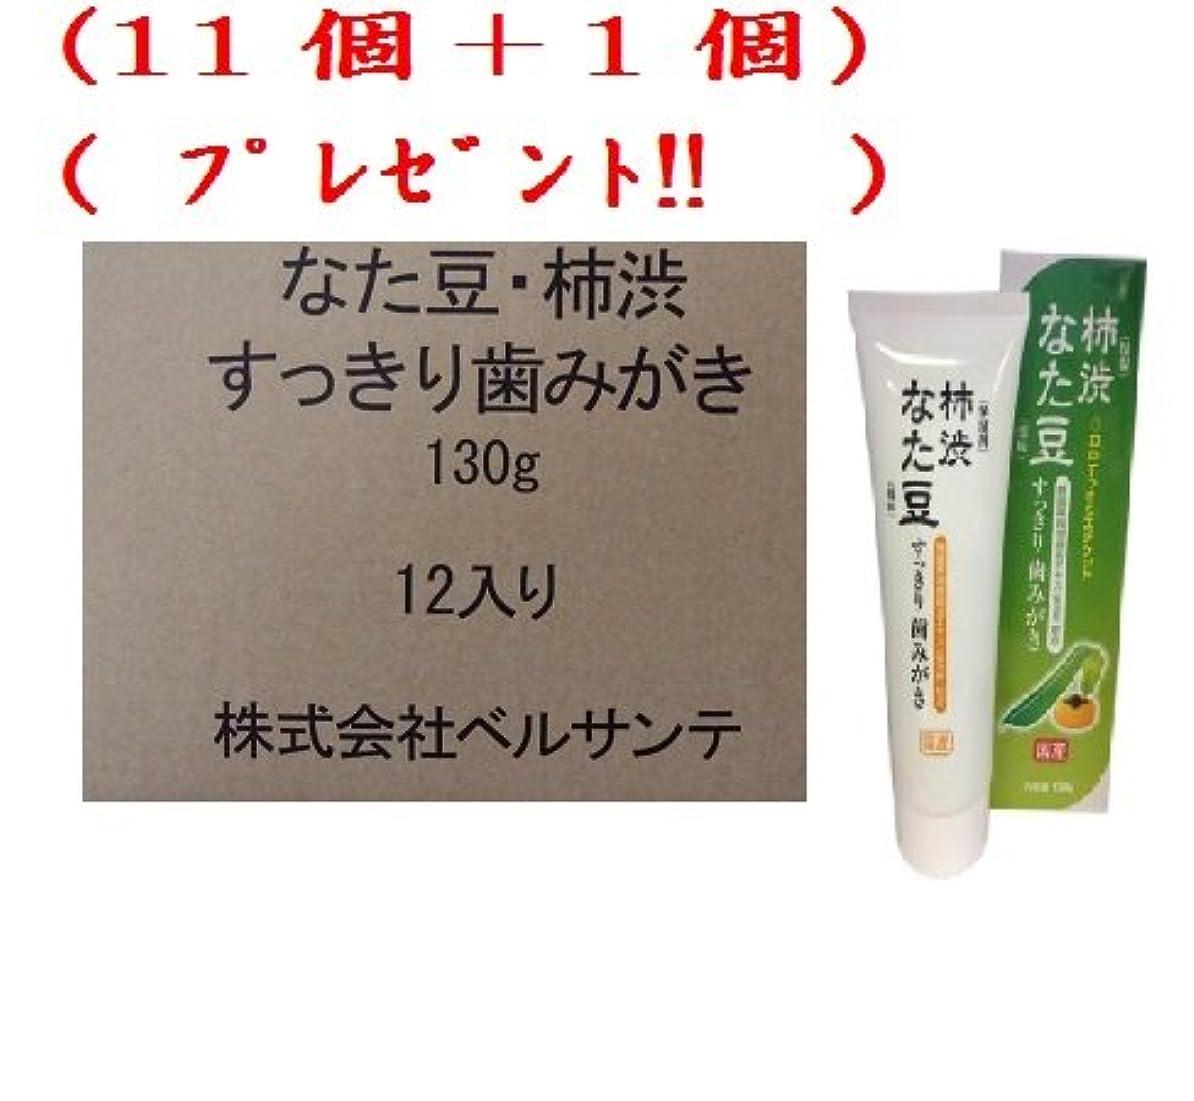 真似る雪だるま植生ナタ豆柿渋歯みがき130g(●11個購入特別価額+1個プレゼント)